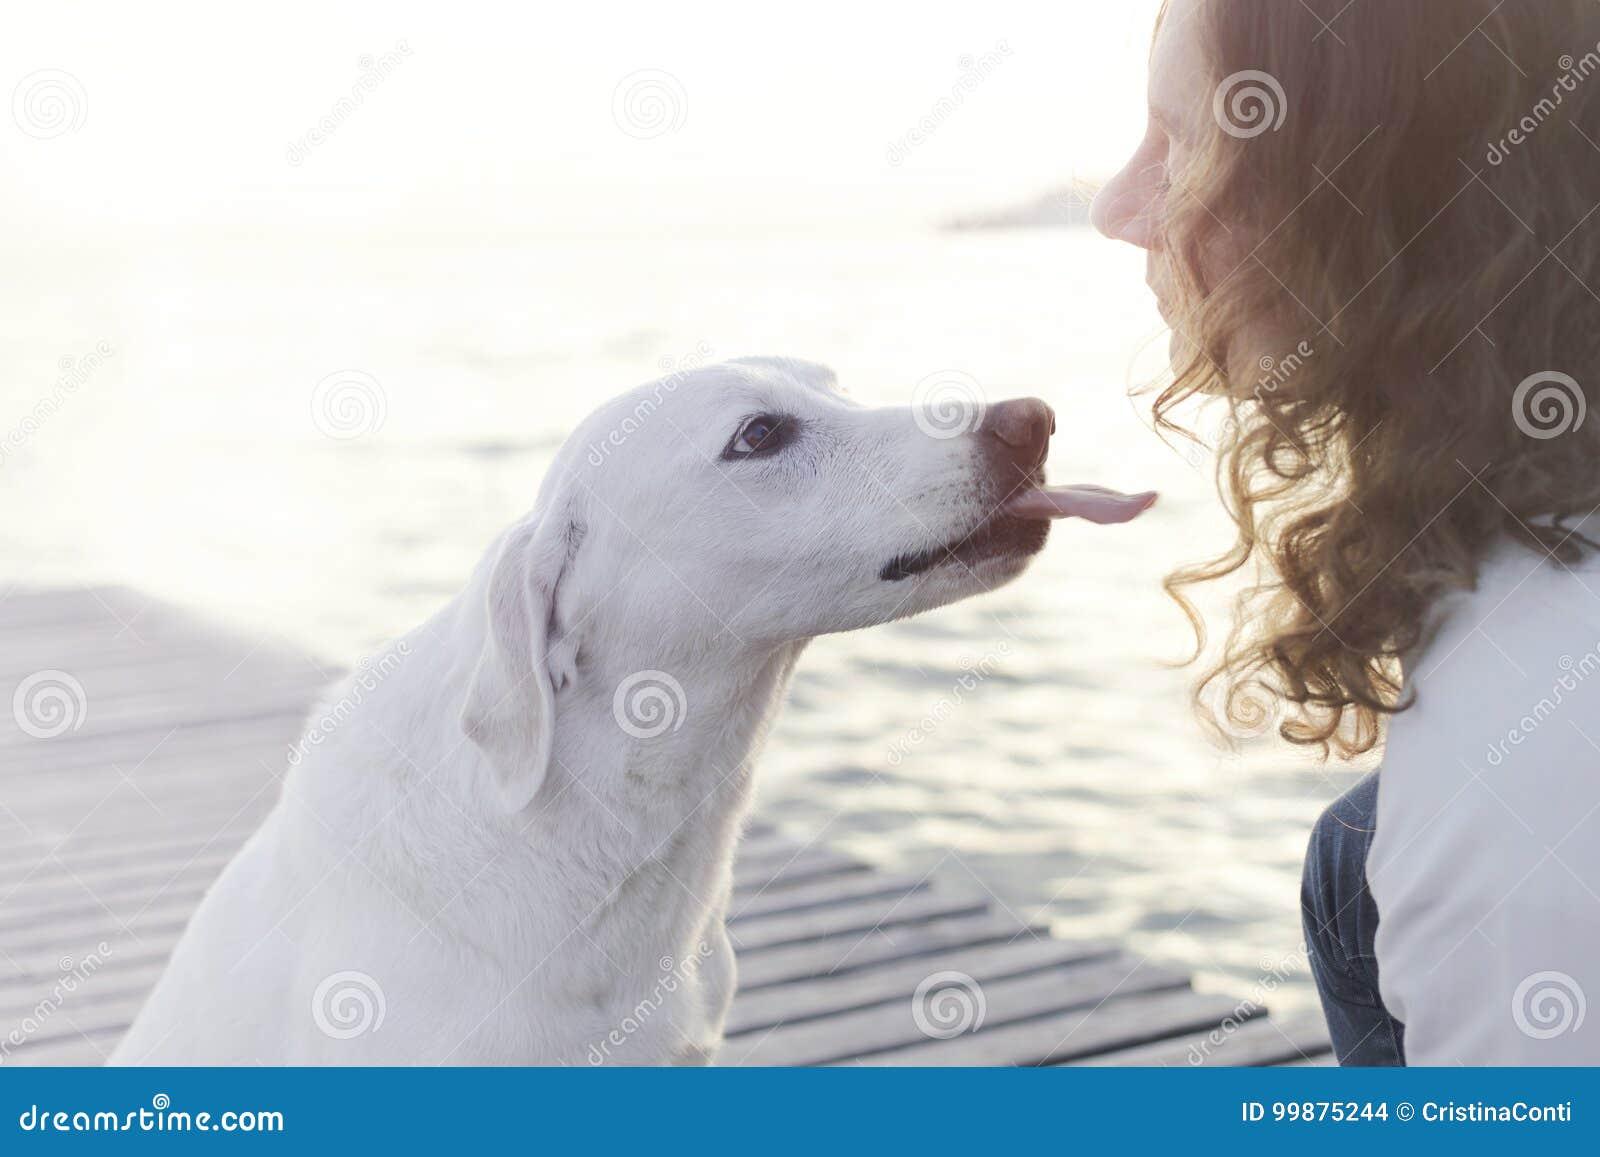 El perro feliz intenta dar un beso a su dueño